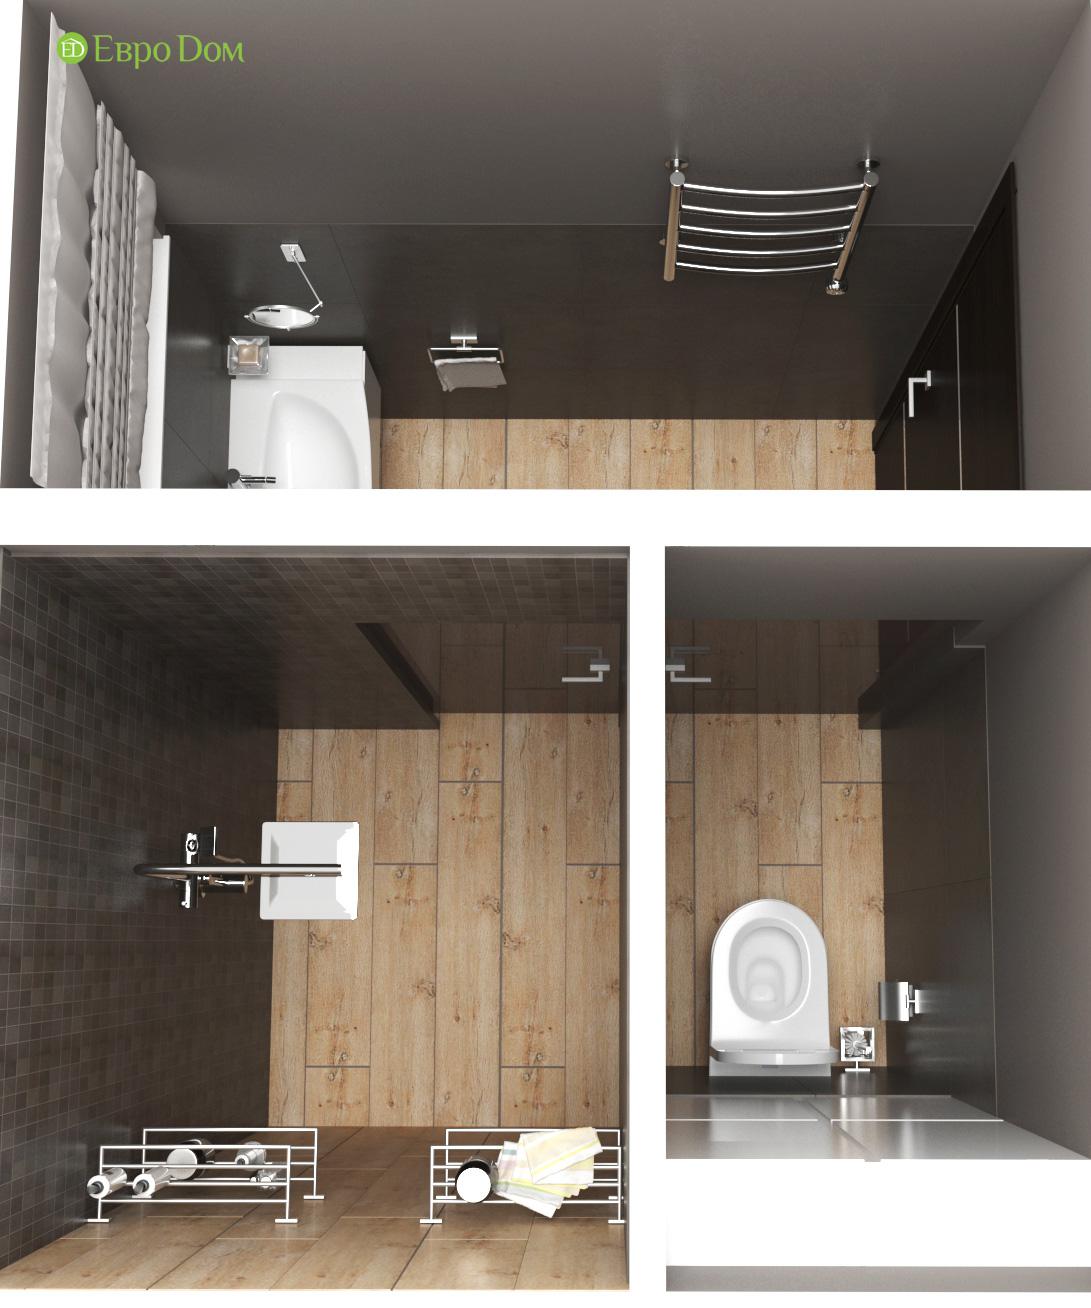 Дизайн-проекты. Стиль: Современный. ЗD визуализация. Фото 52